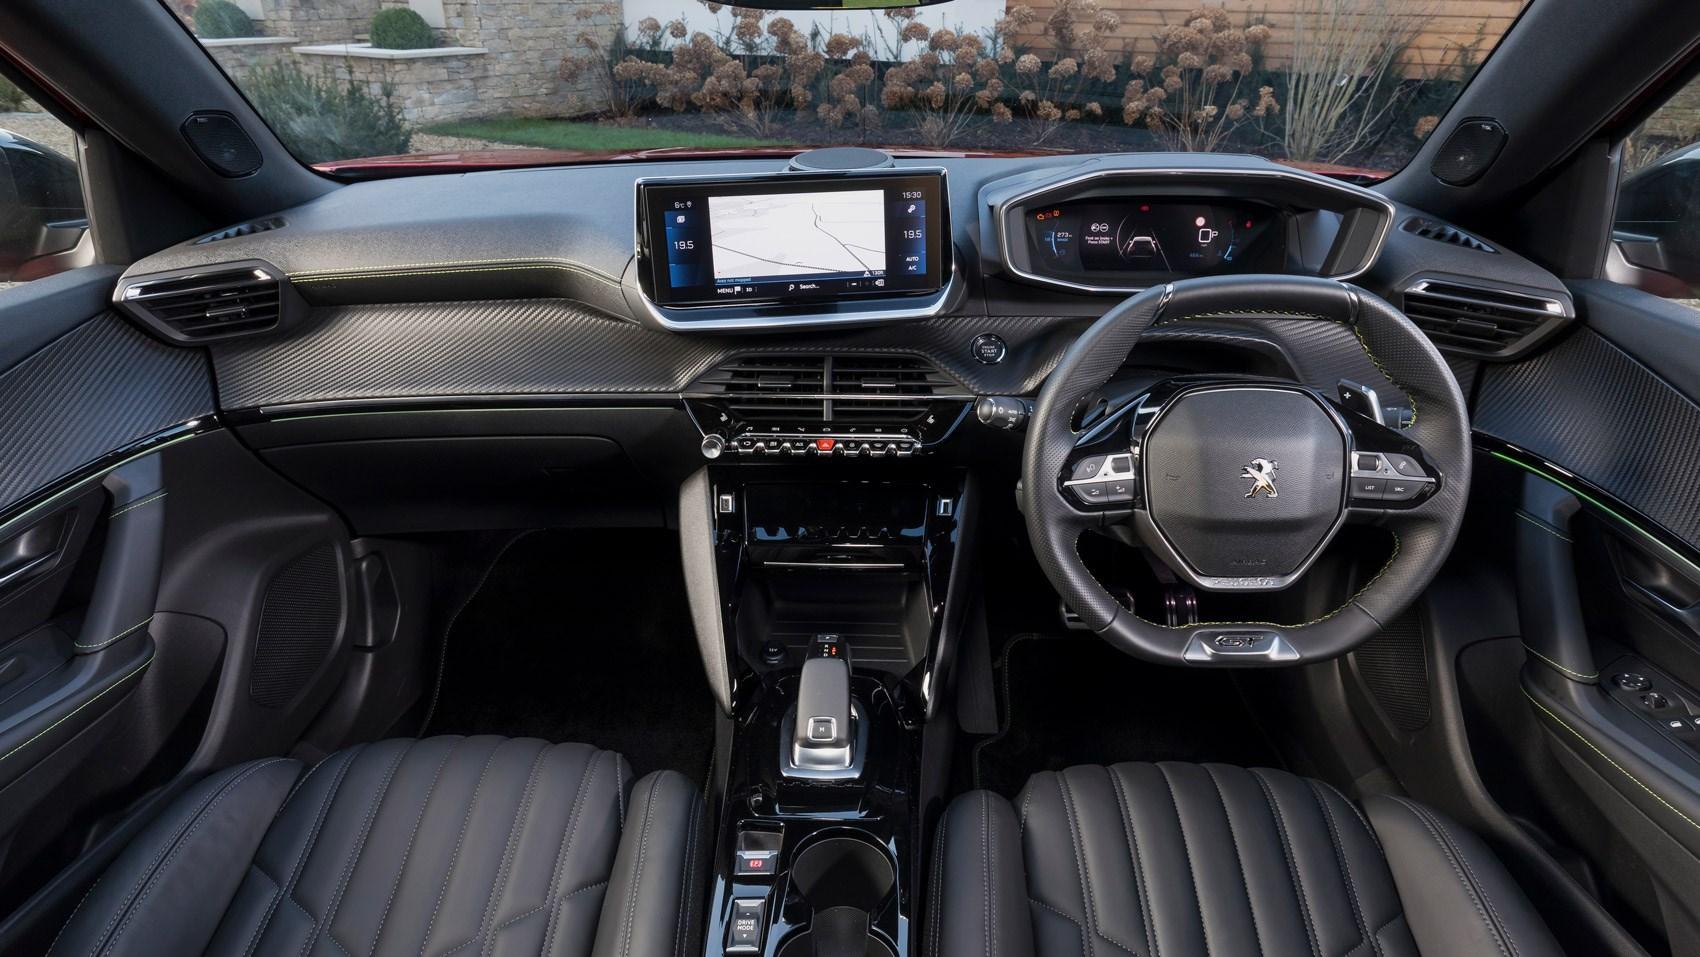 2008 interior